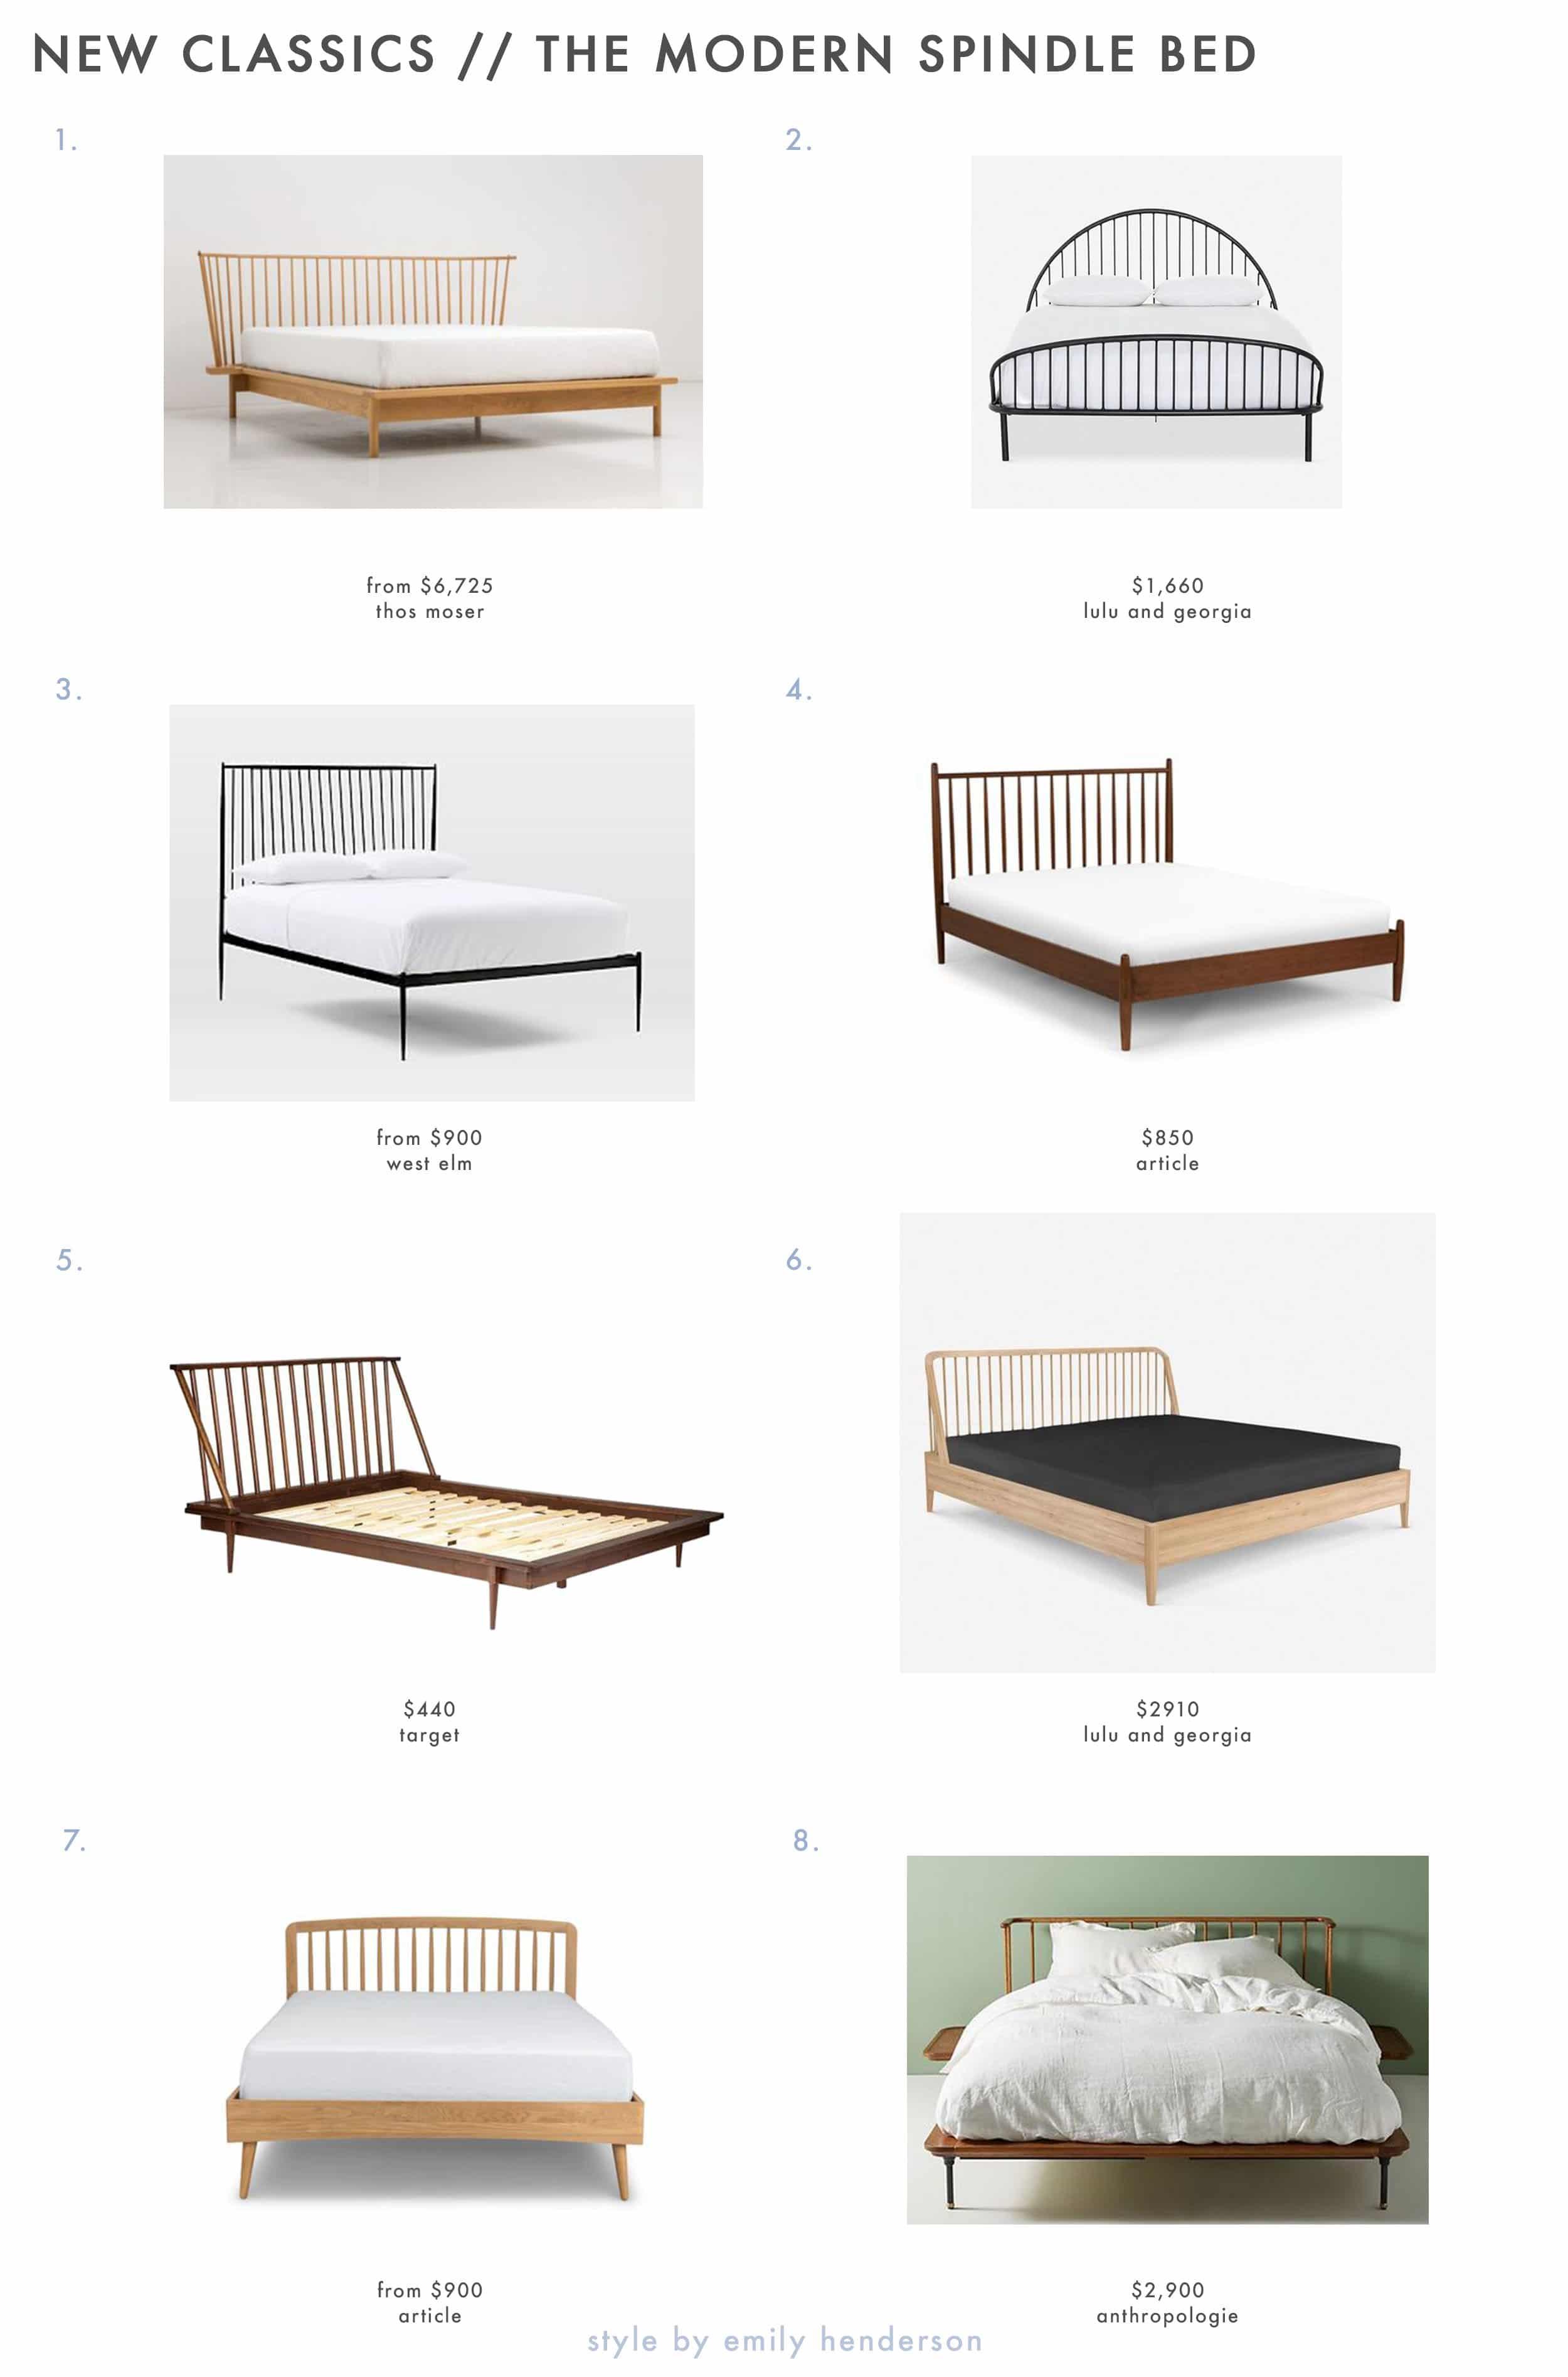 New Classics Beds 1